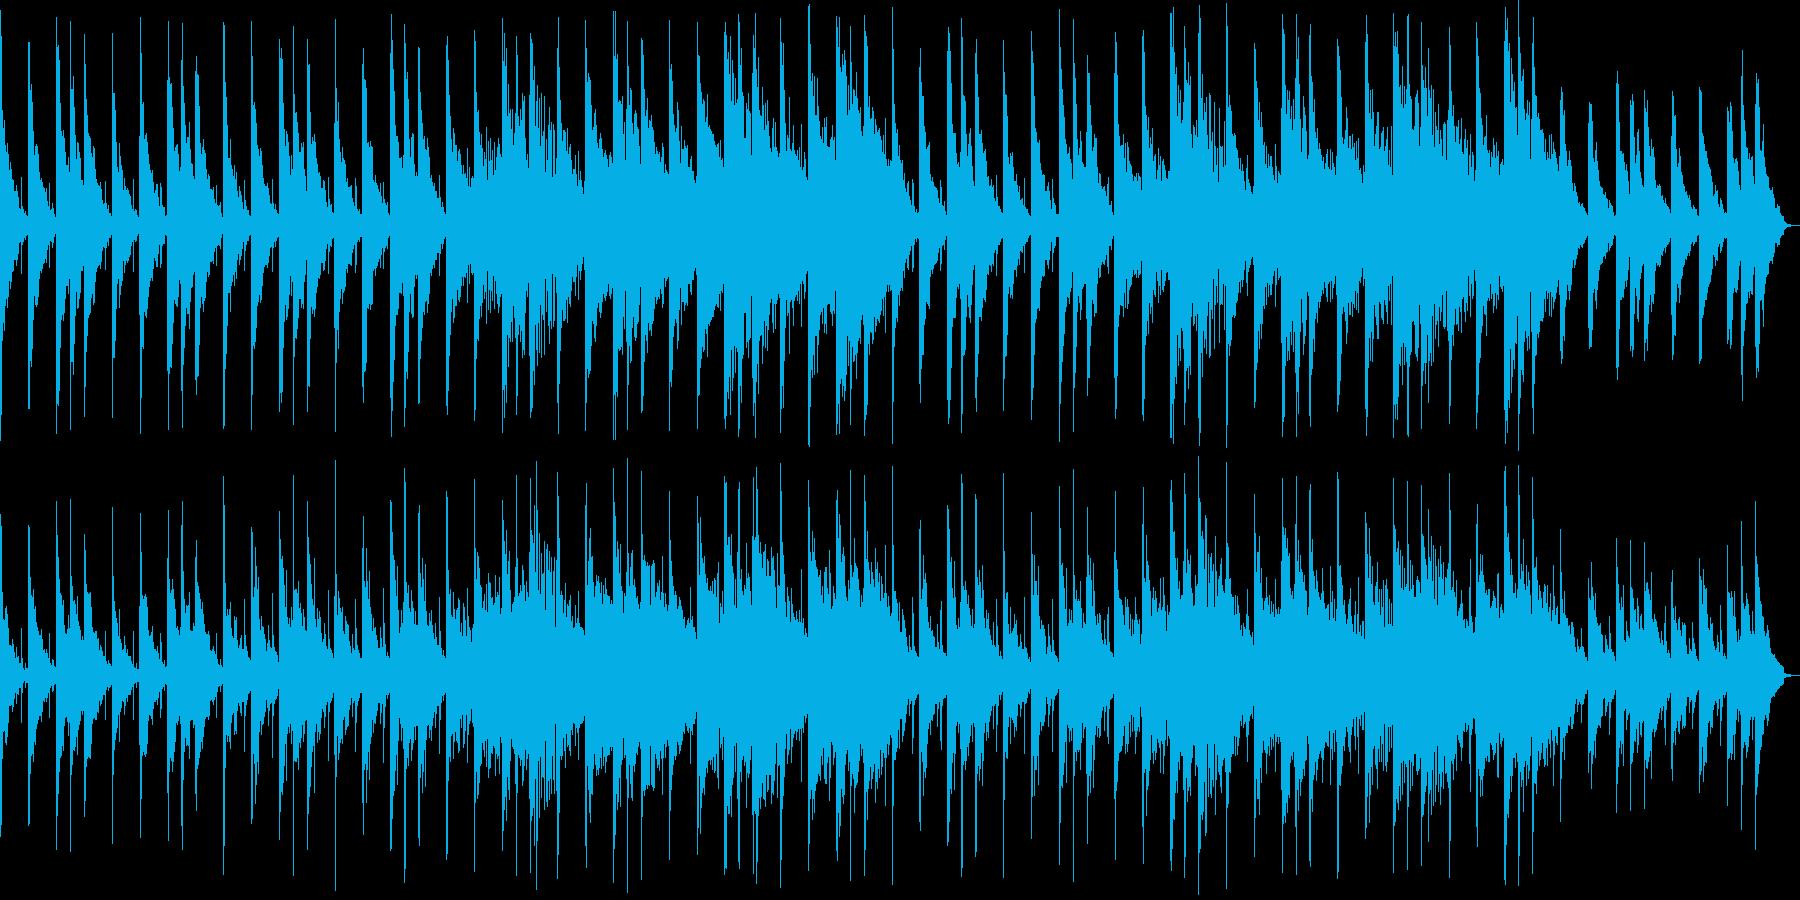 優しい印象のシンセサイザーサウンドの再生済みの波形